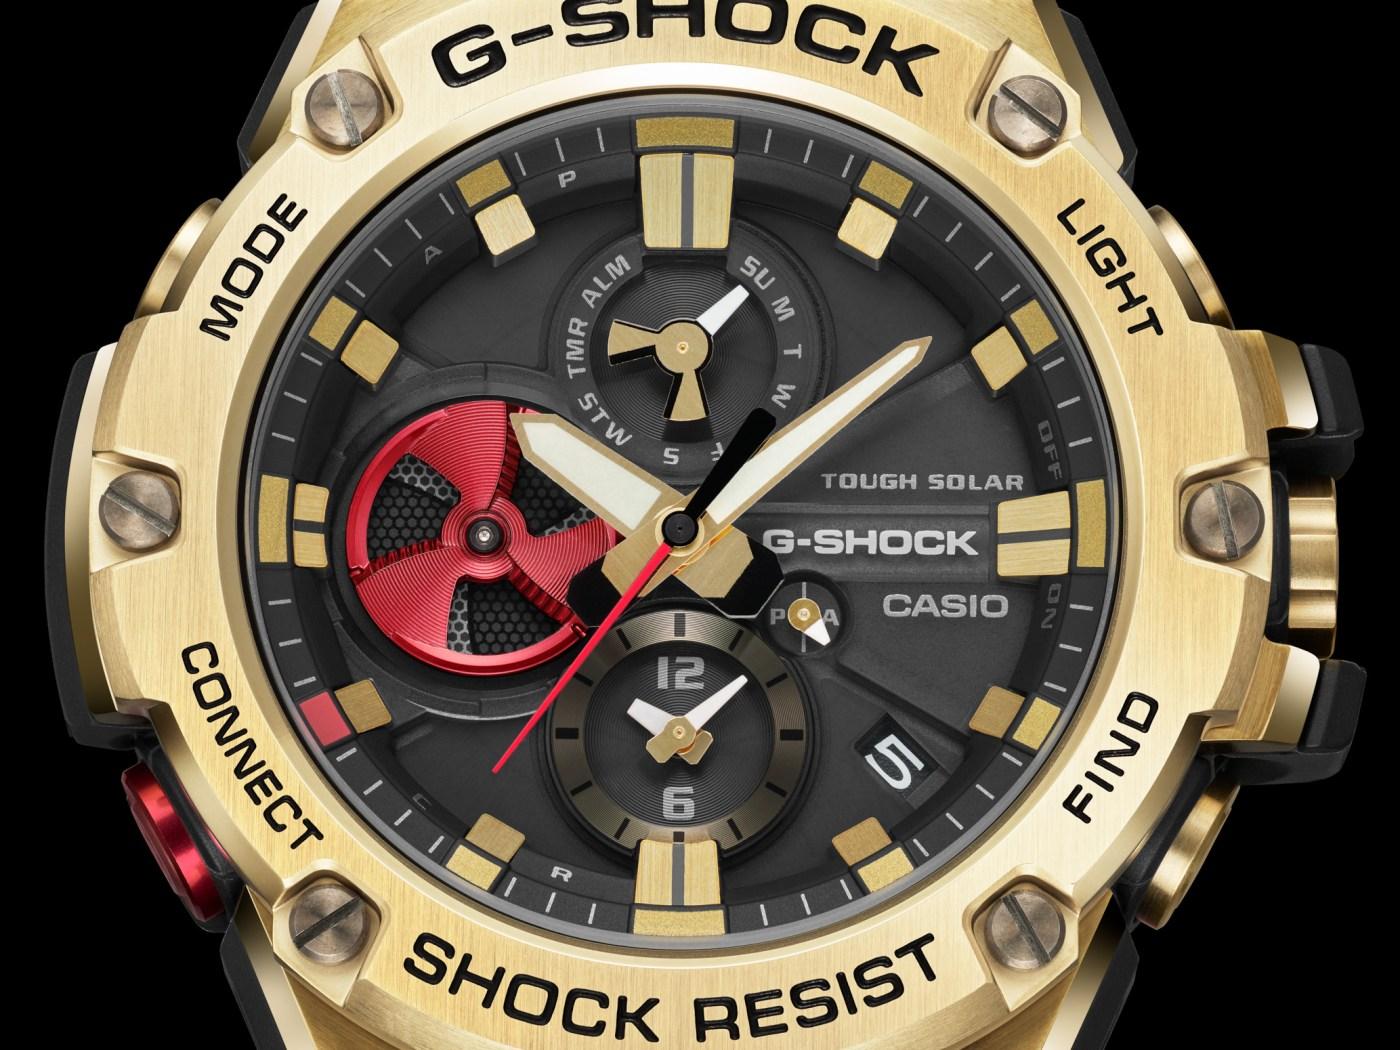 Rui Hachimura x G-Shock GST-B100RH-1A